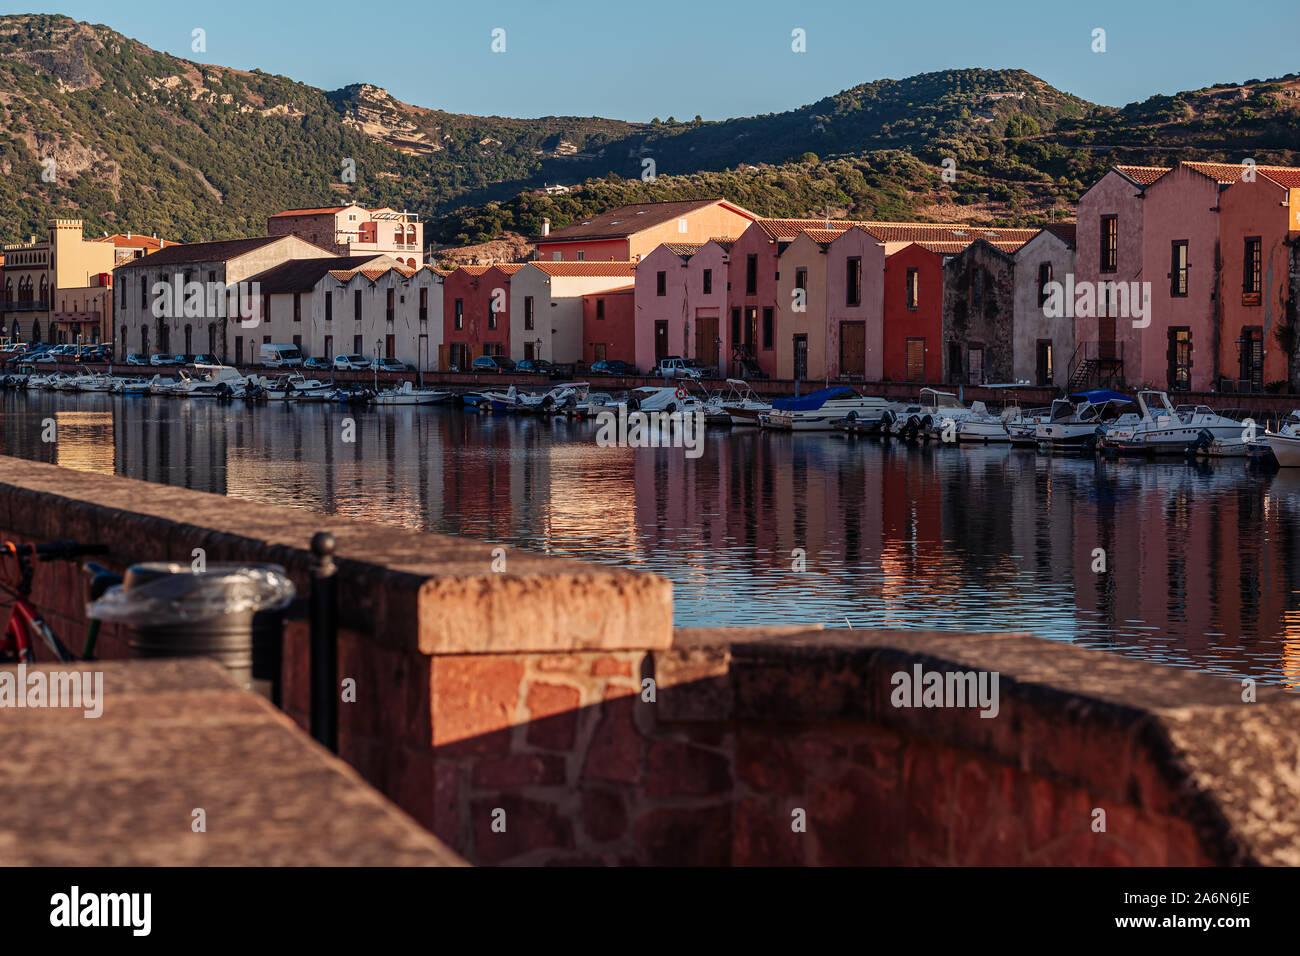 BOSA, Italia / OCTUBRE 2019: la vida en el pintoresco pueblo de pescadores en el norte de la IOF Cerdeña Foto de stock